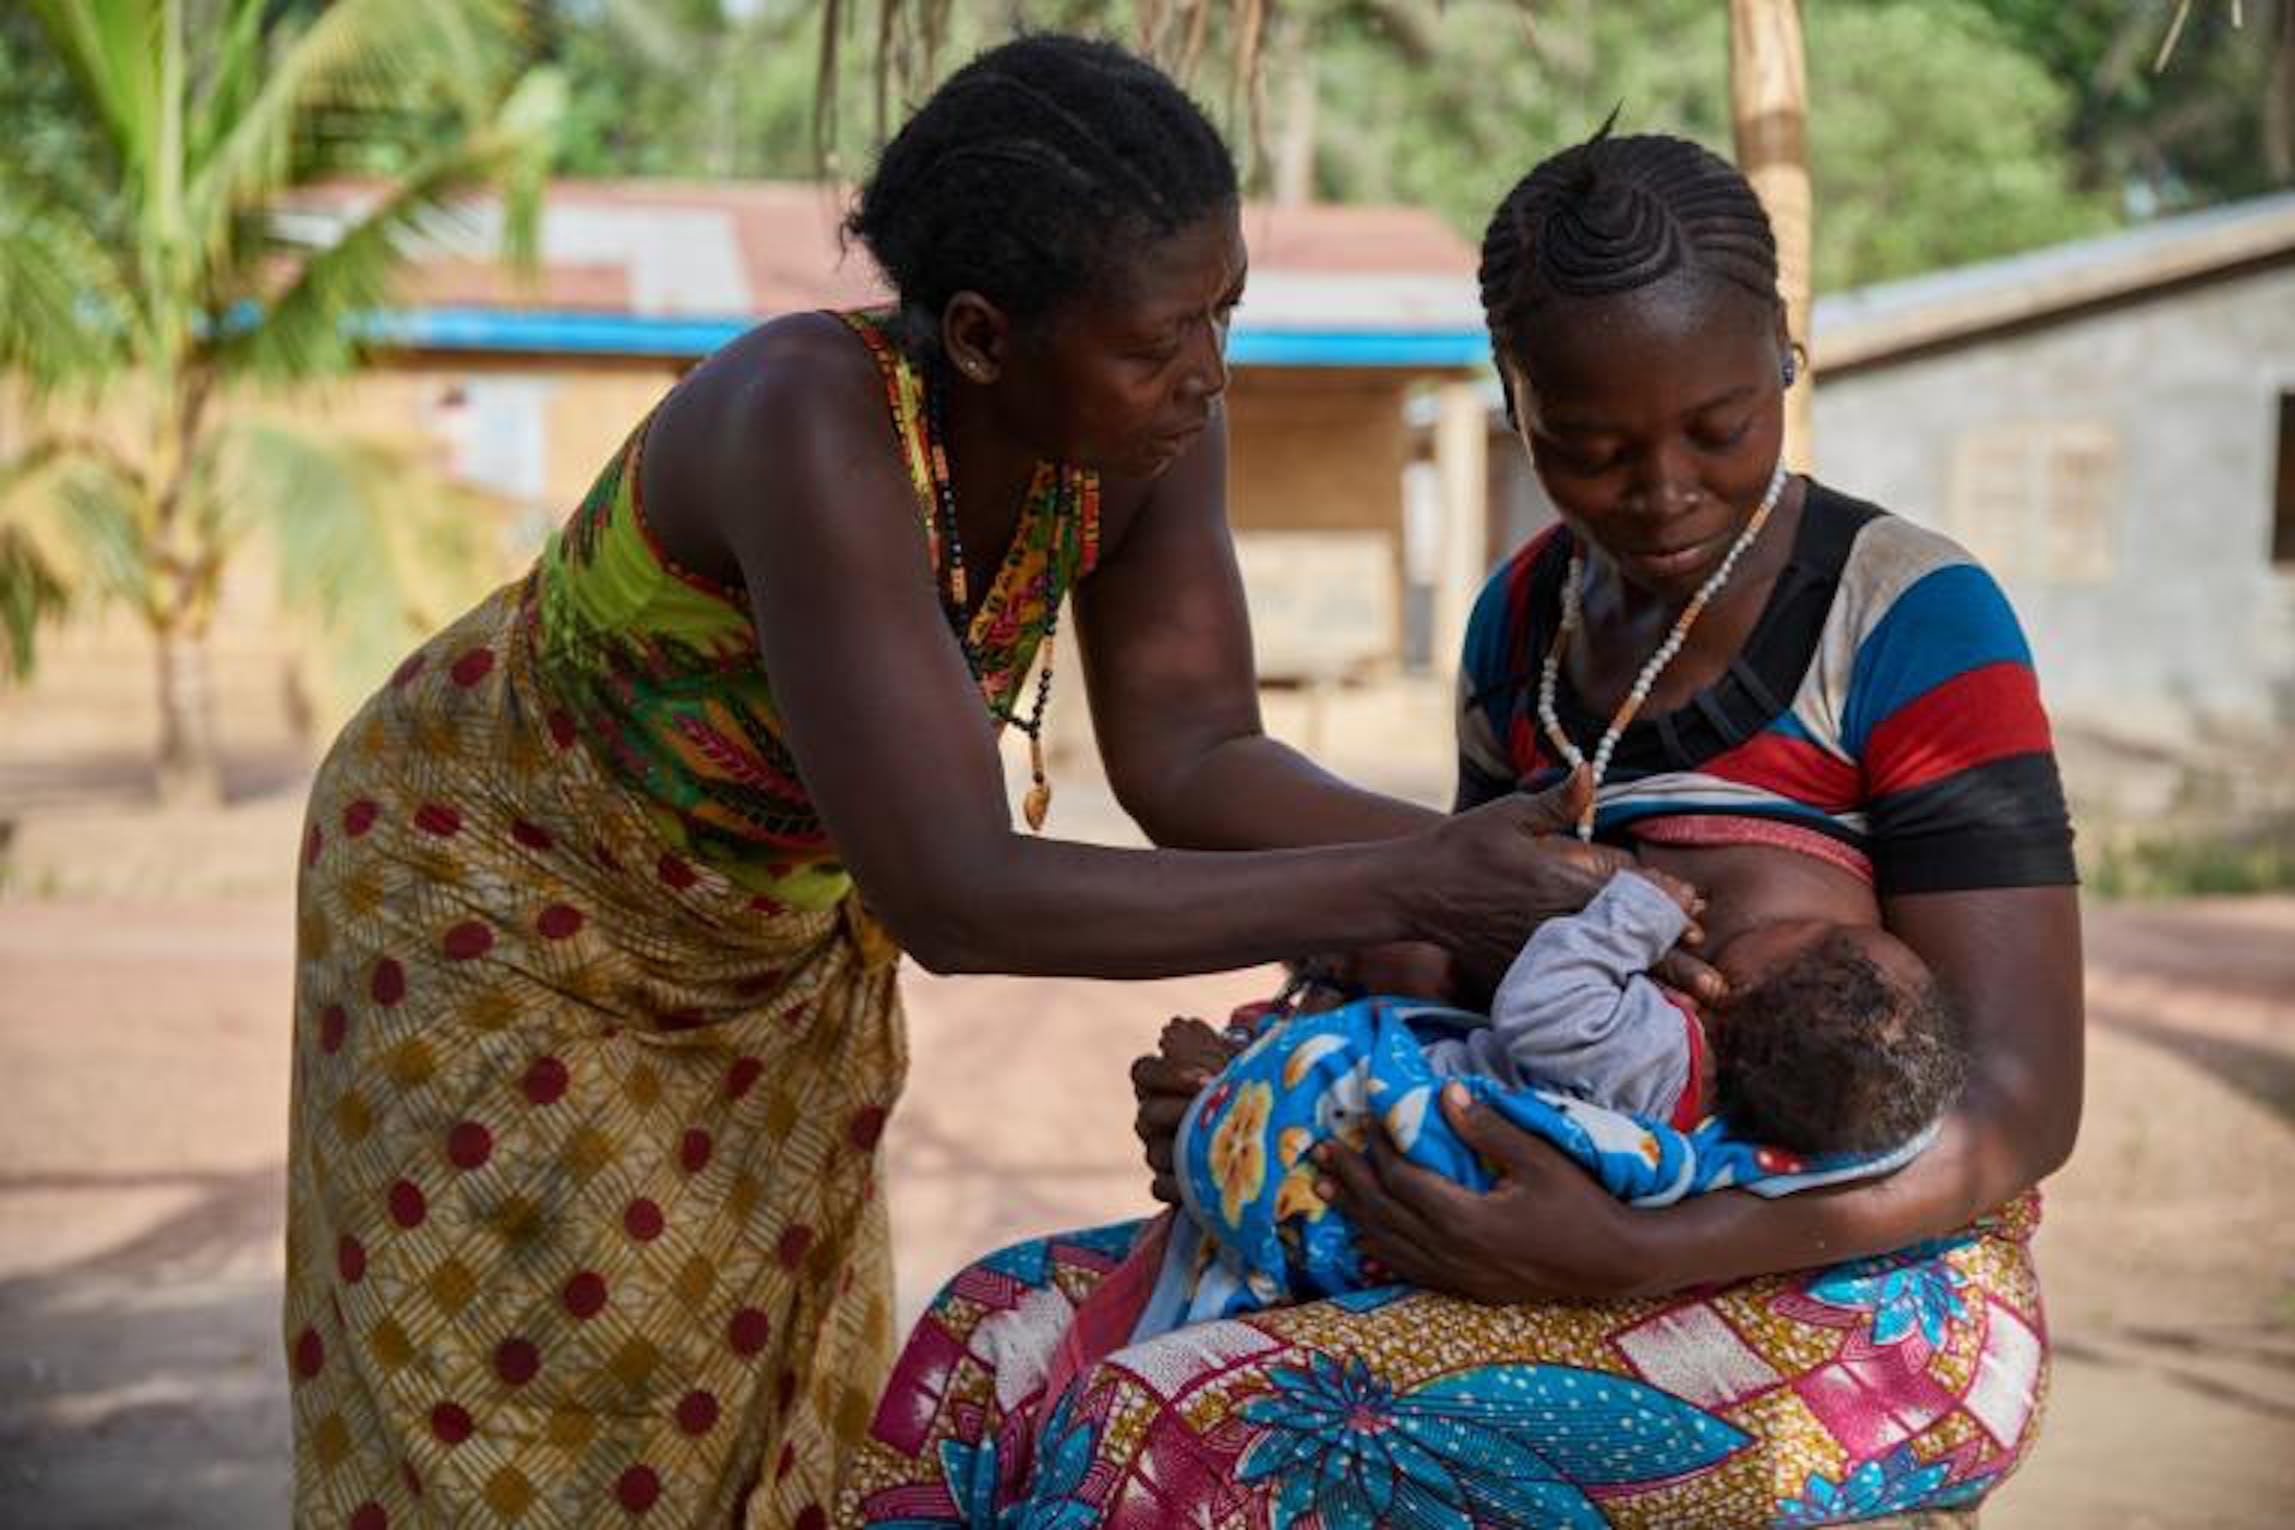 Zainab Kamara, sostenuta da sua madre, allatta uno dei suoi due  gemelli di 3 mesi - © UNICEF/UN065254/